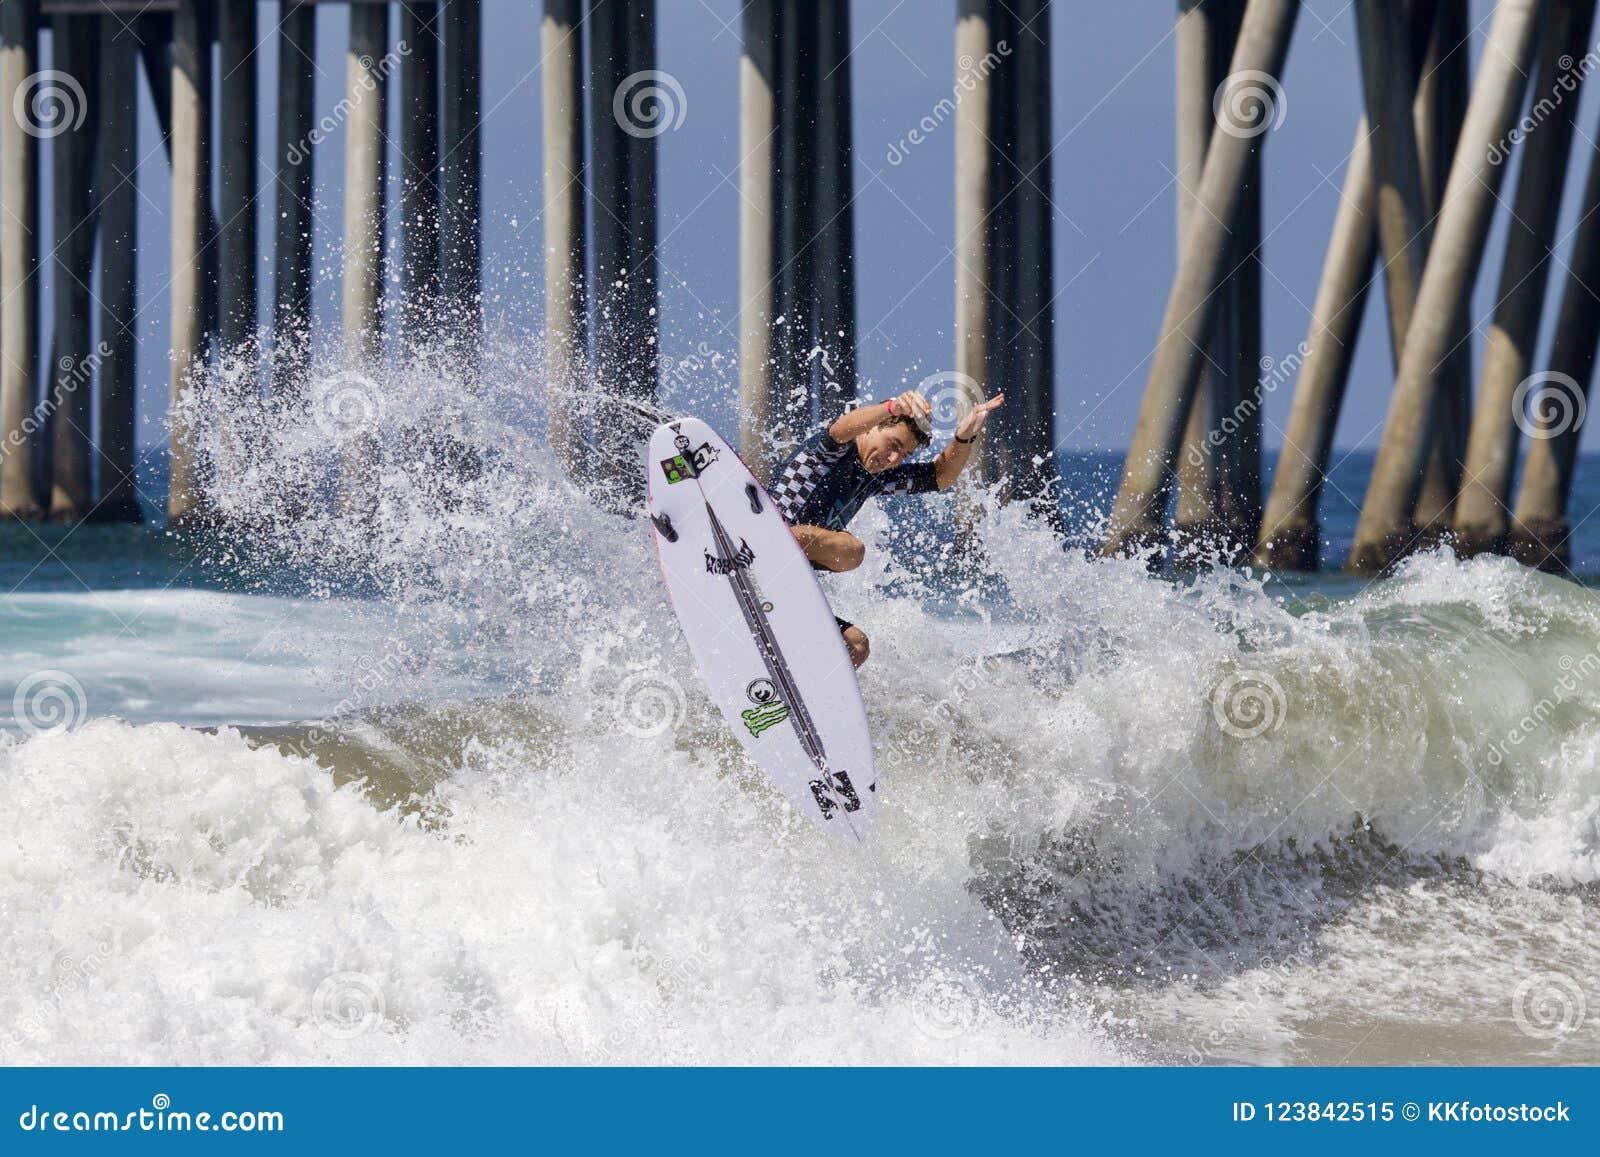 Griffin Colapinto Surfing en el US Open de las furgonetas de practicar surf 2018